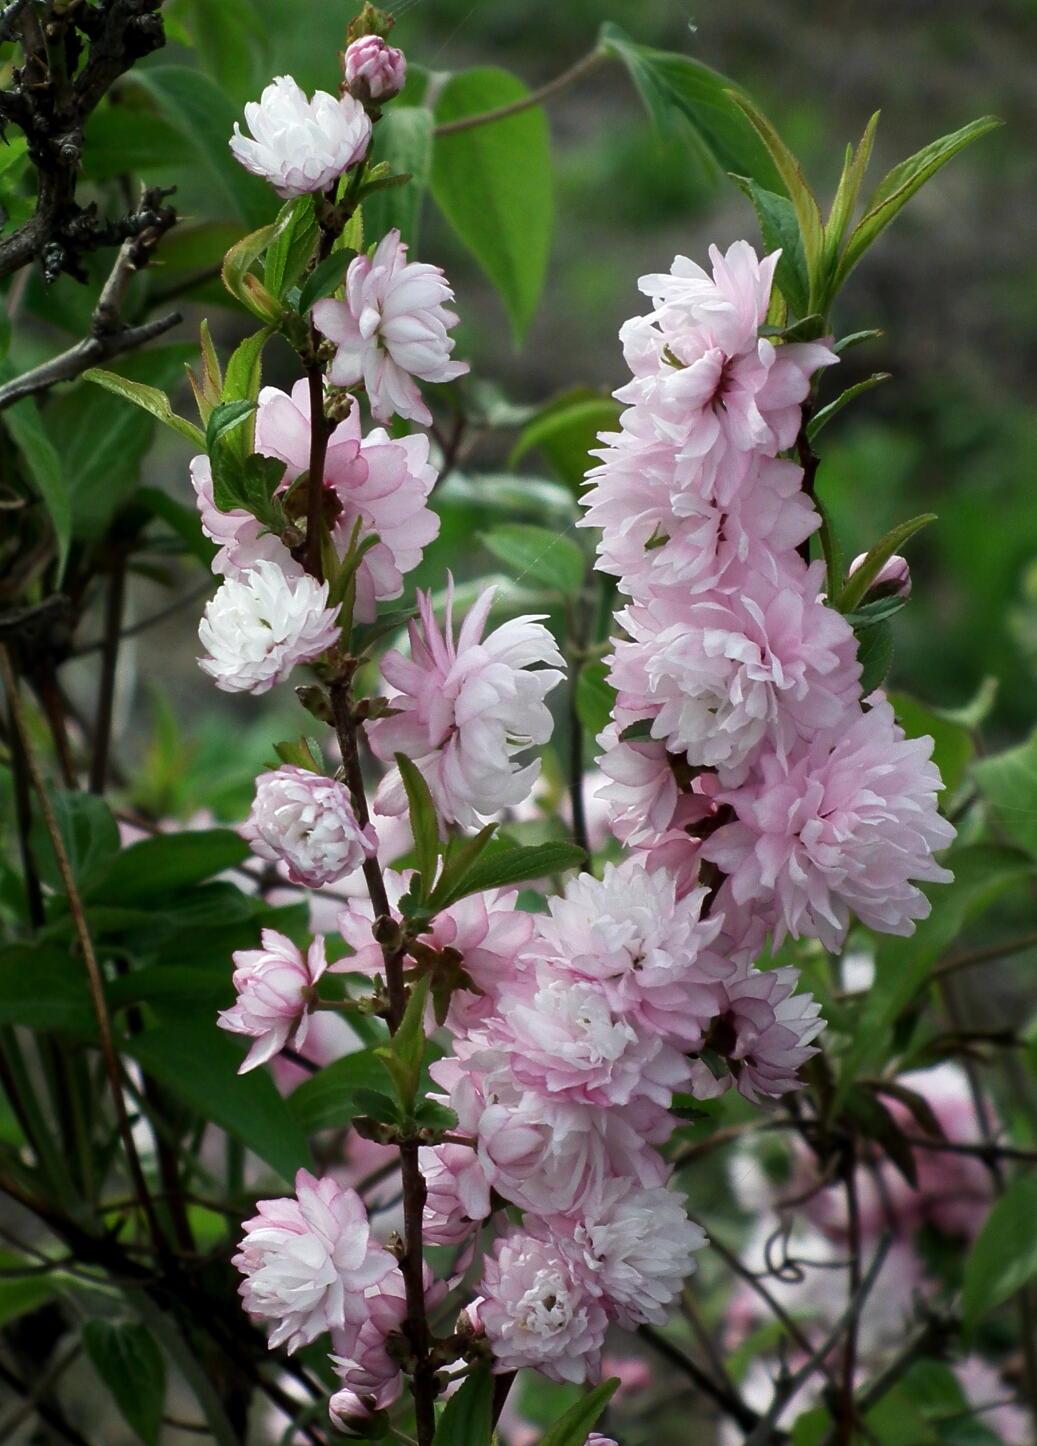 中国では麦李…日本では庭桜_e0064158_23555364.jpg